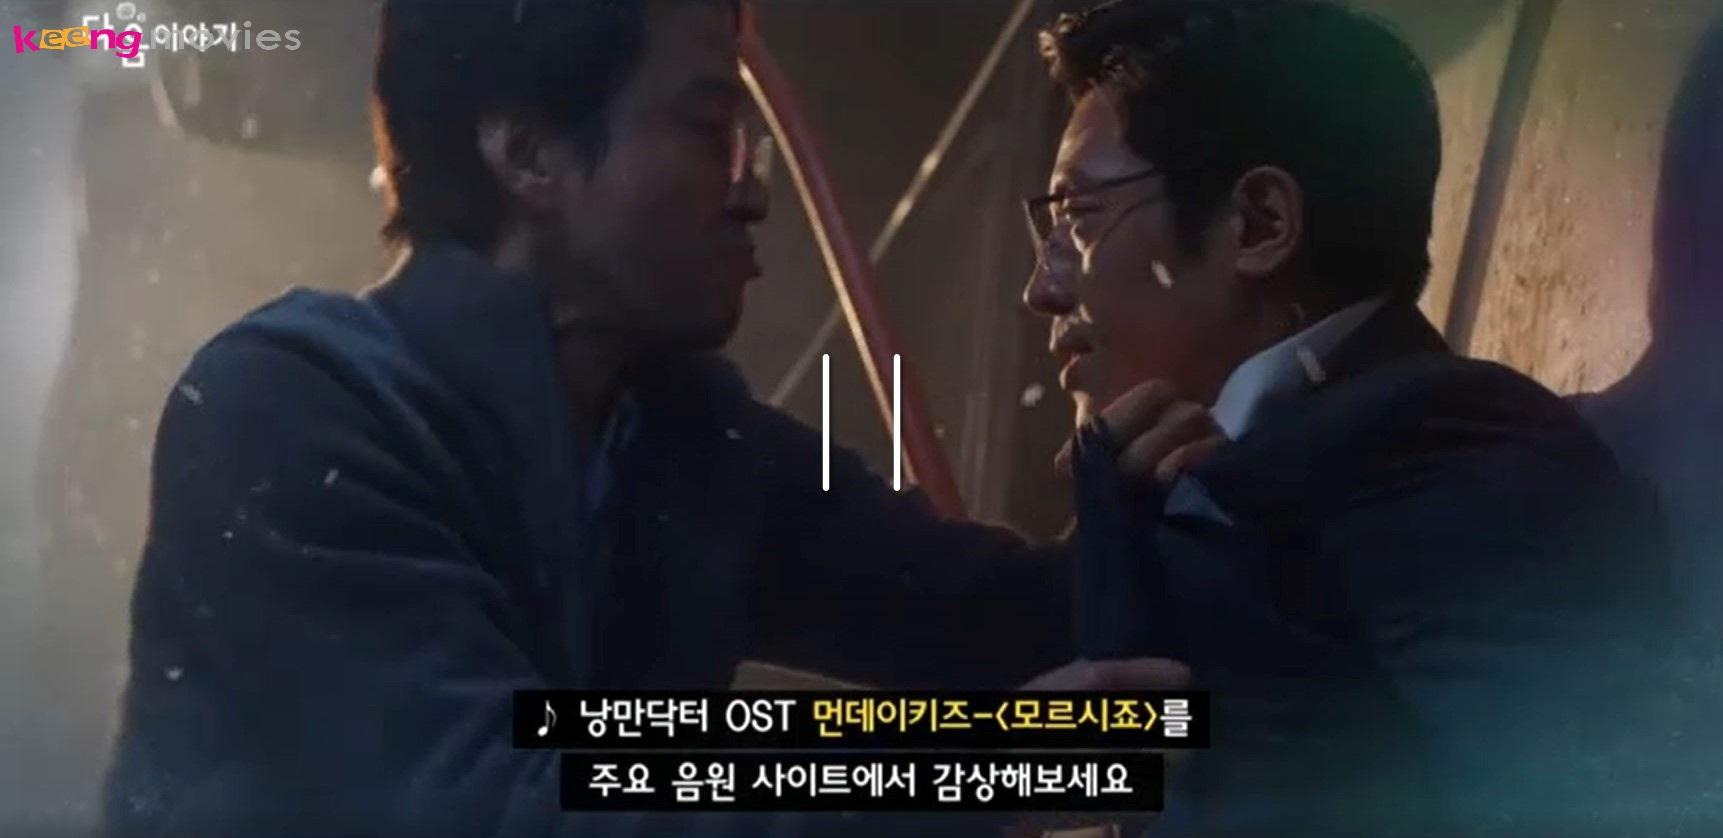 Tuyến xe buýt của bác sĩ Kim bất ngờ gặp tai nạn...